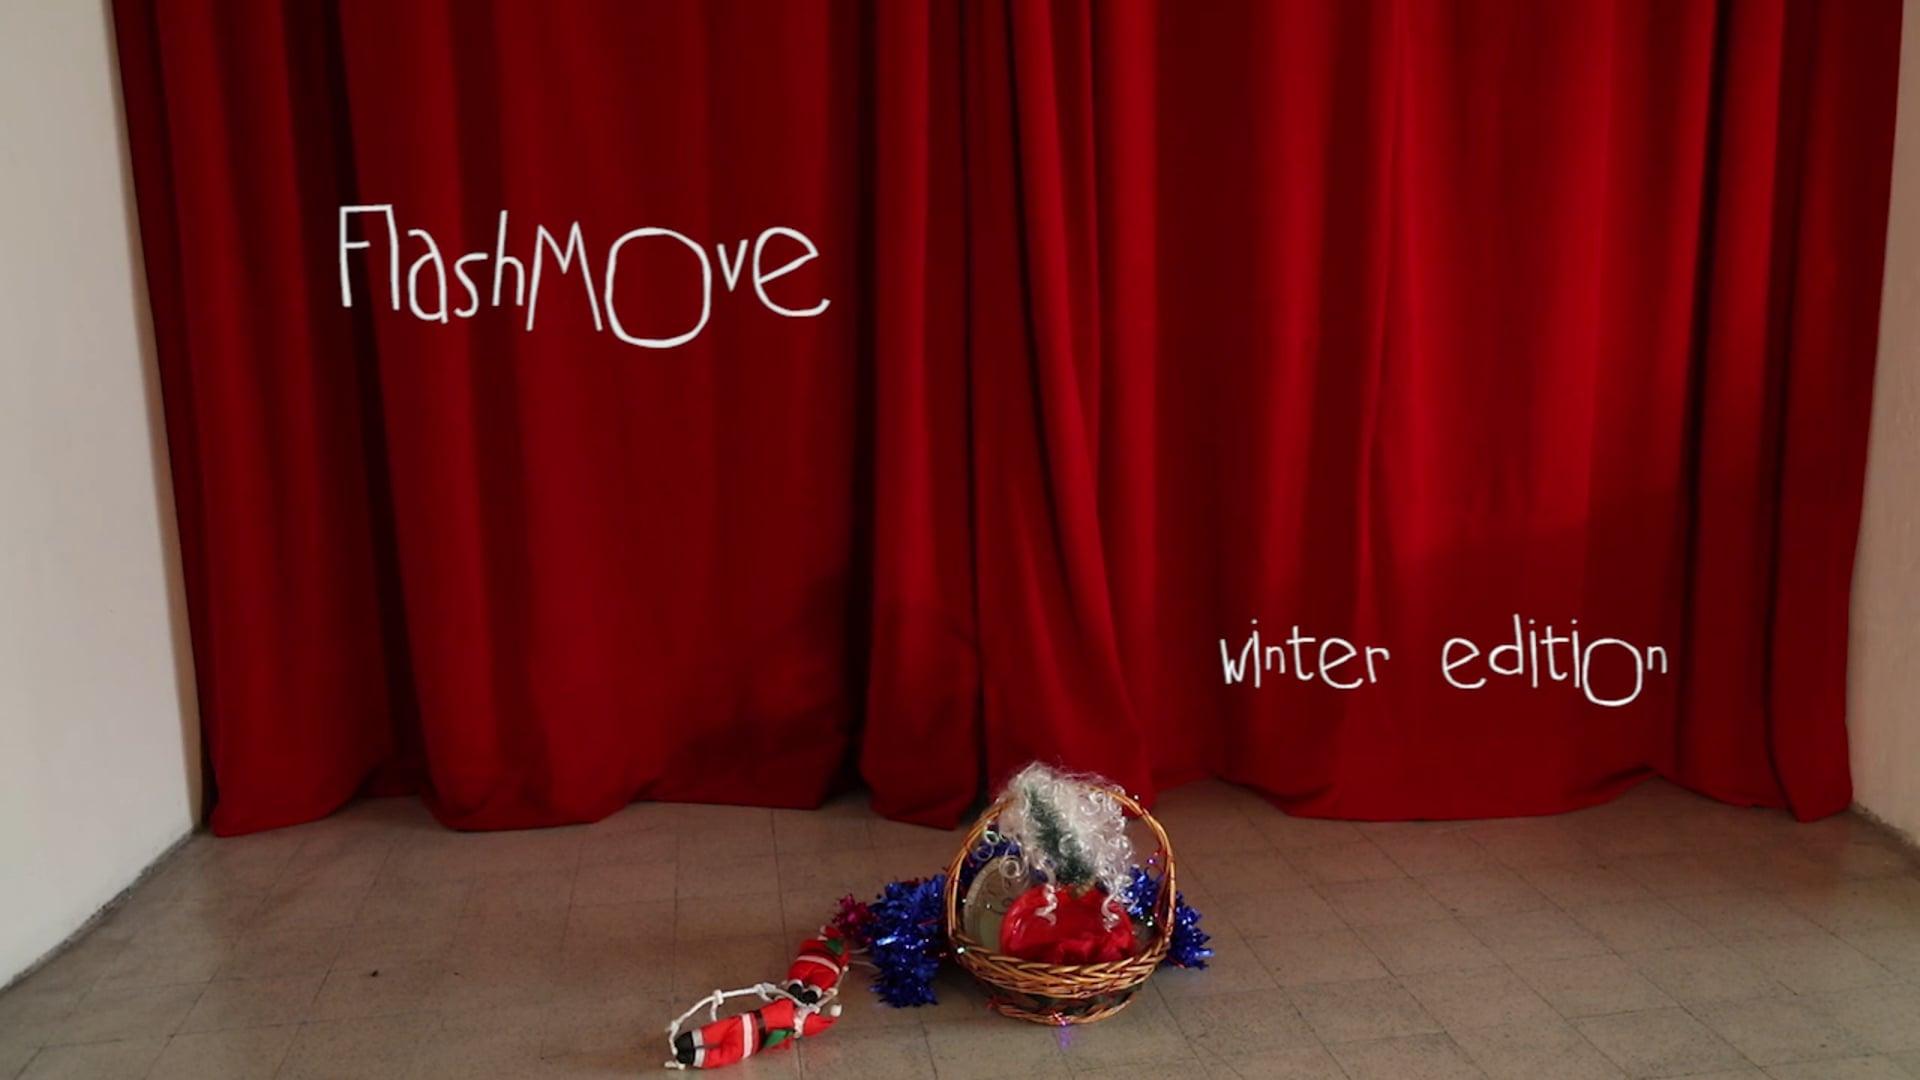 FlashMove - Winter Edition